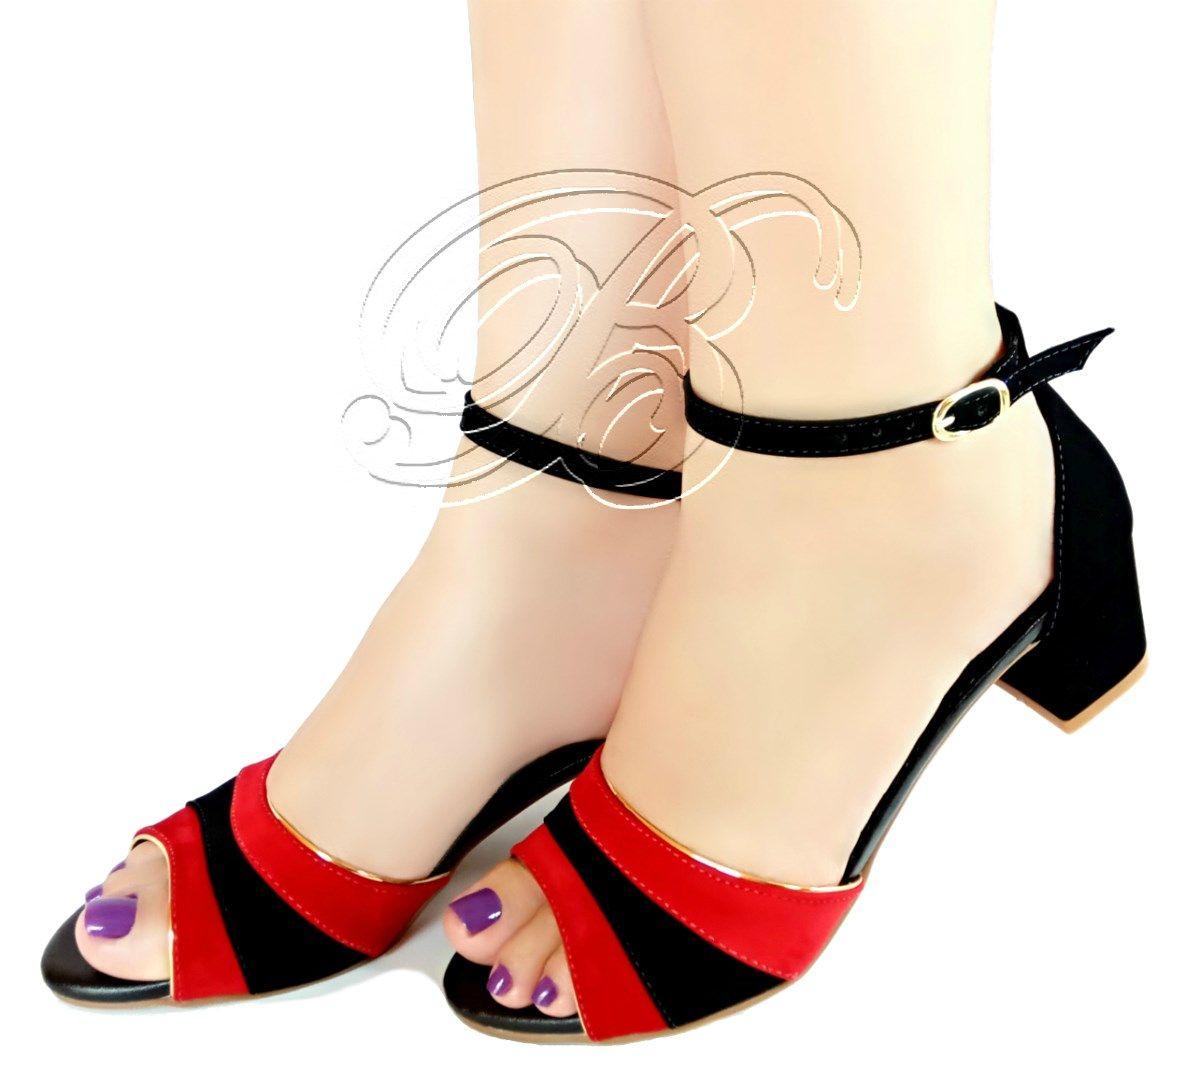 eba8be36fd Delicada sandália baixa em preto e vermelho.. Salto com 4